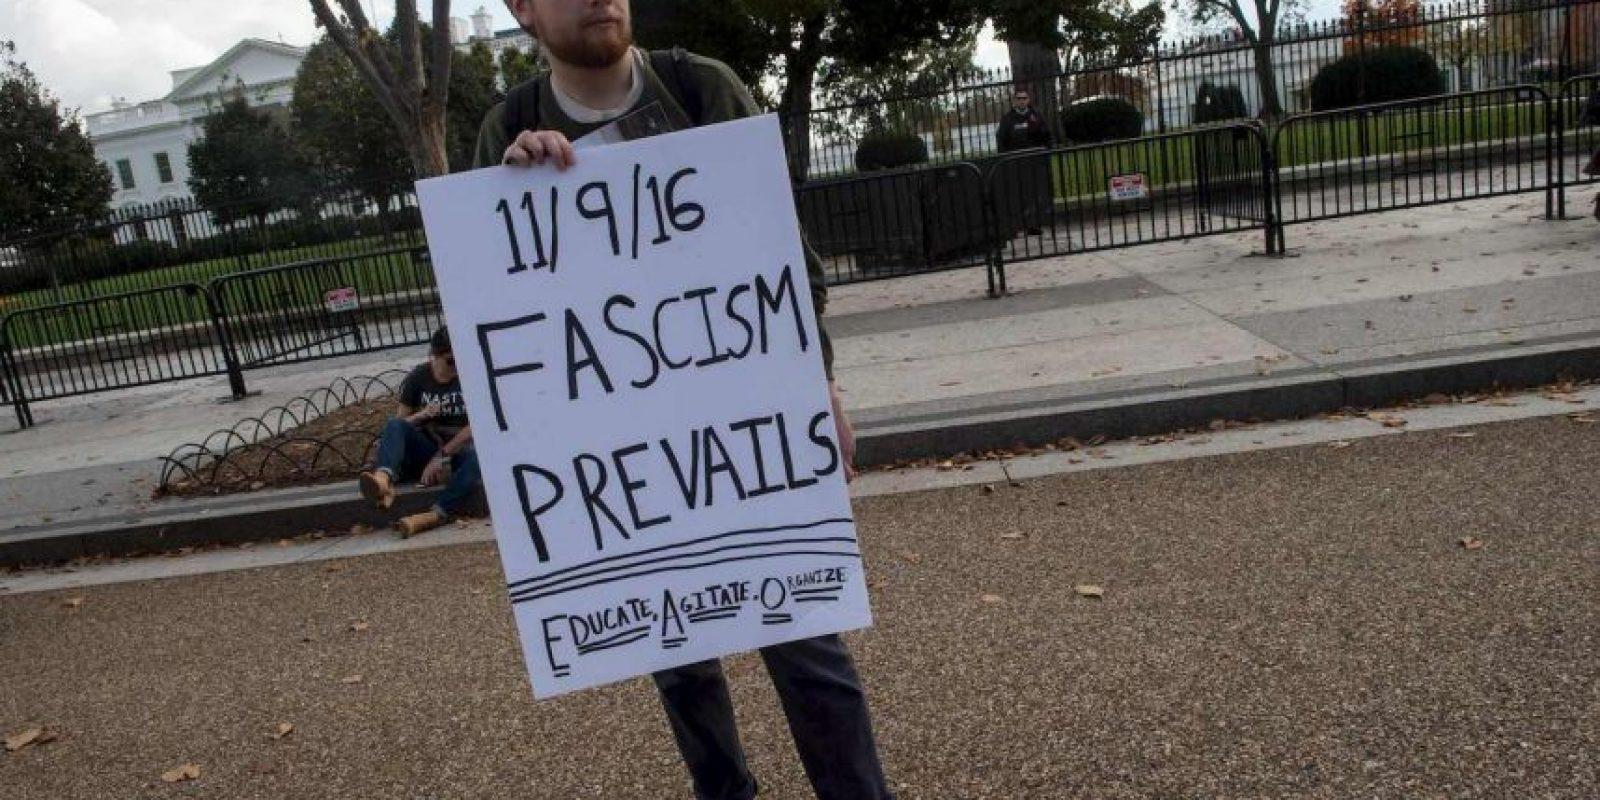 Grupos de apoyo a Hillary Clinton se han manifestado Foto:AFP